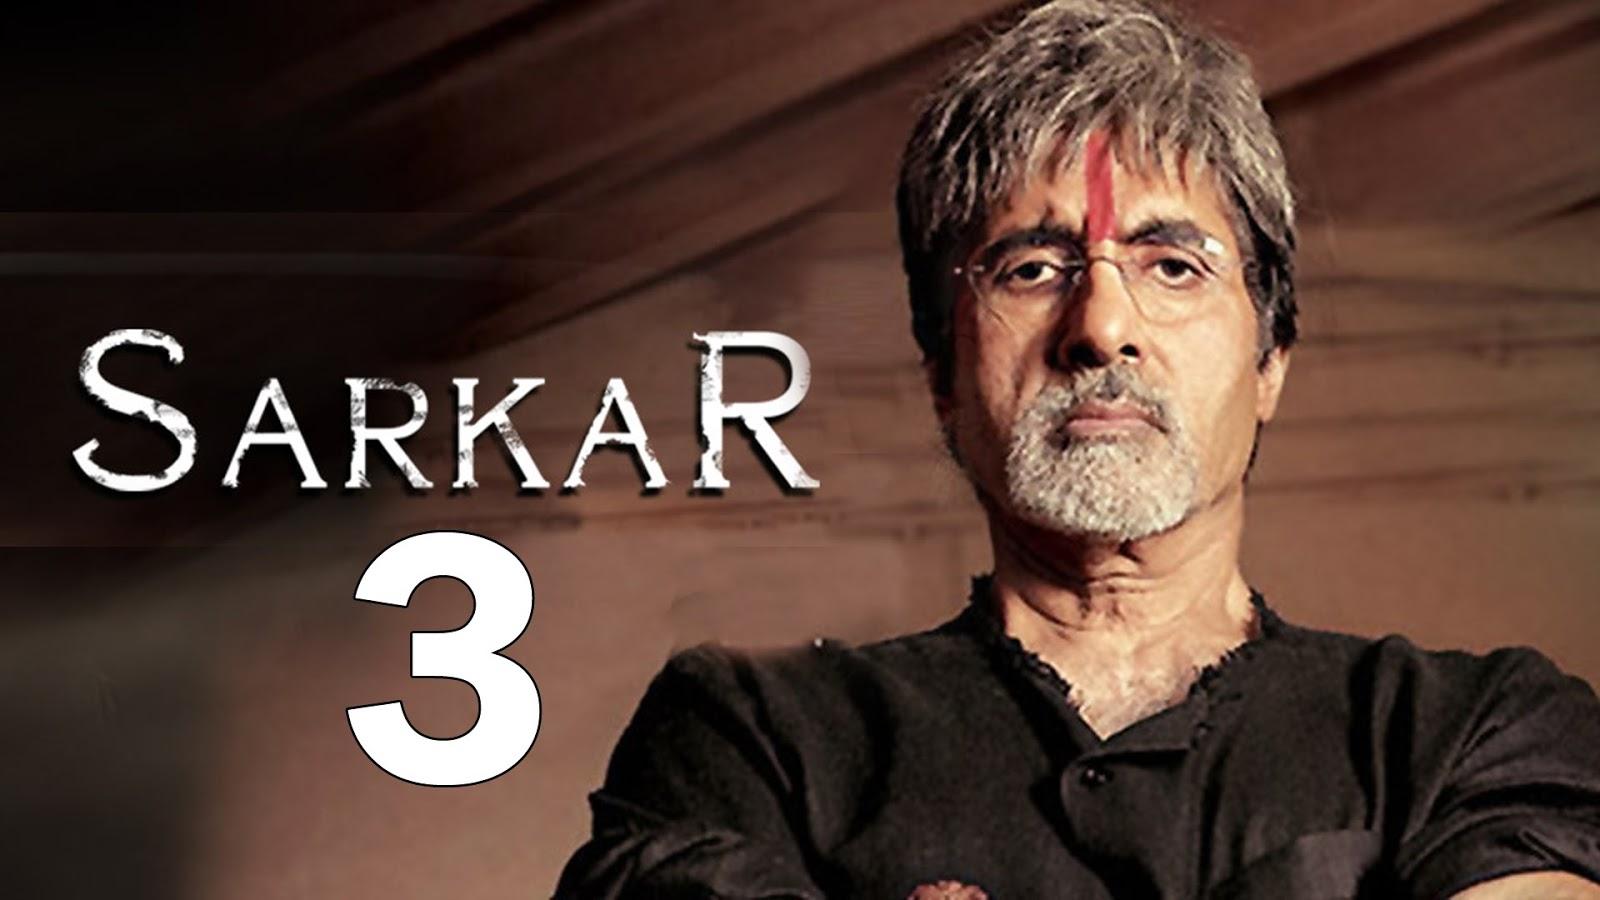 Sarkar 3 Full Movie Watch Online